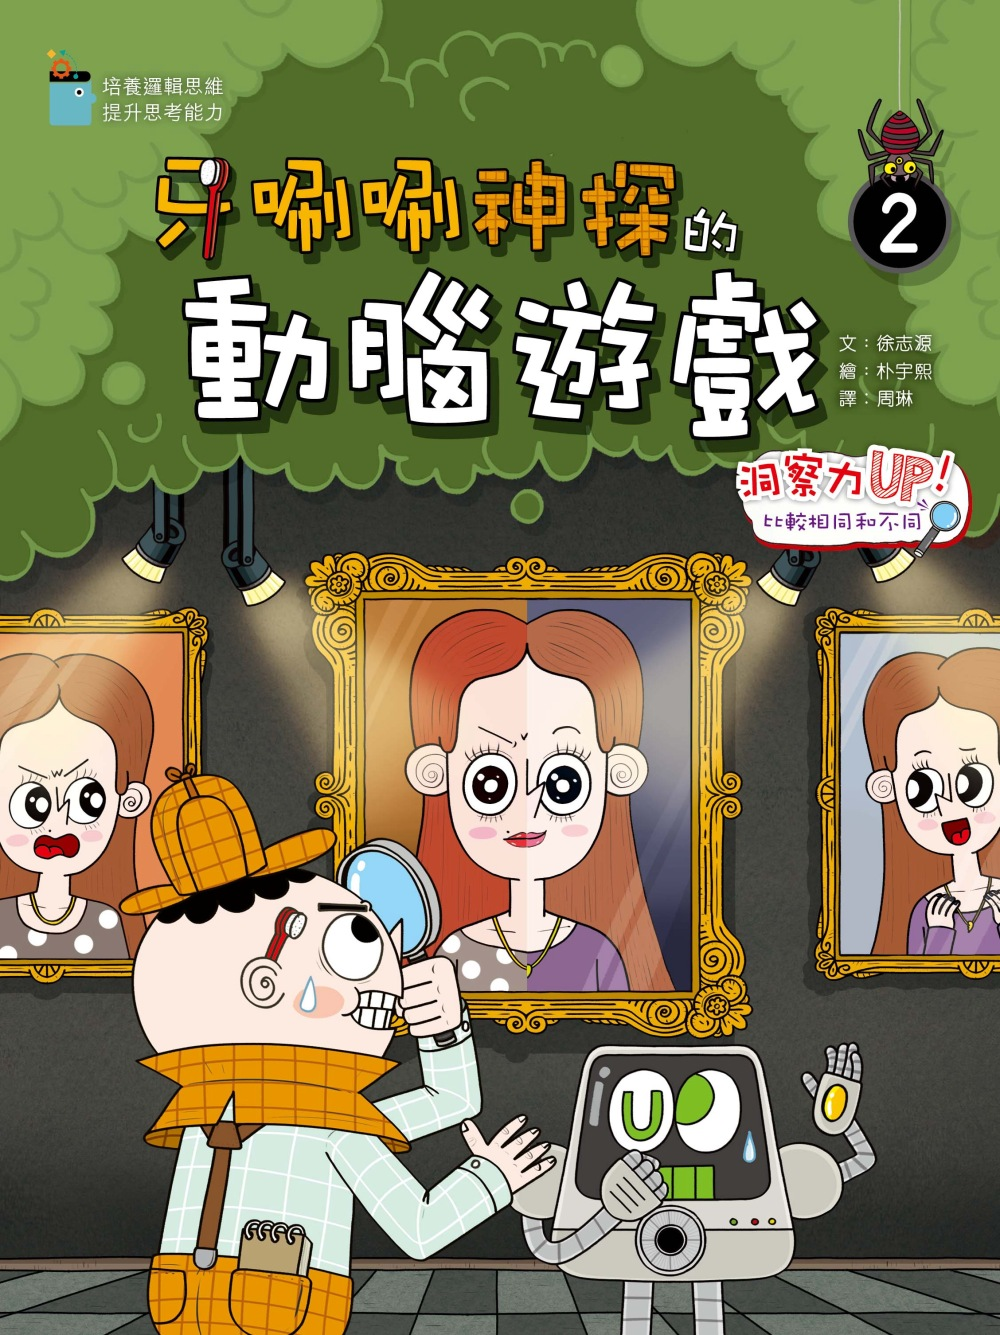 牙唰唰神探的動腦遊戲(2)洞察力UP!比較相同和不同